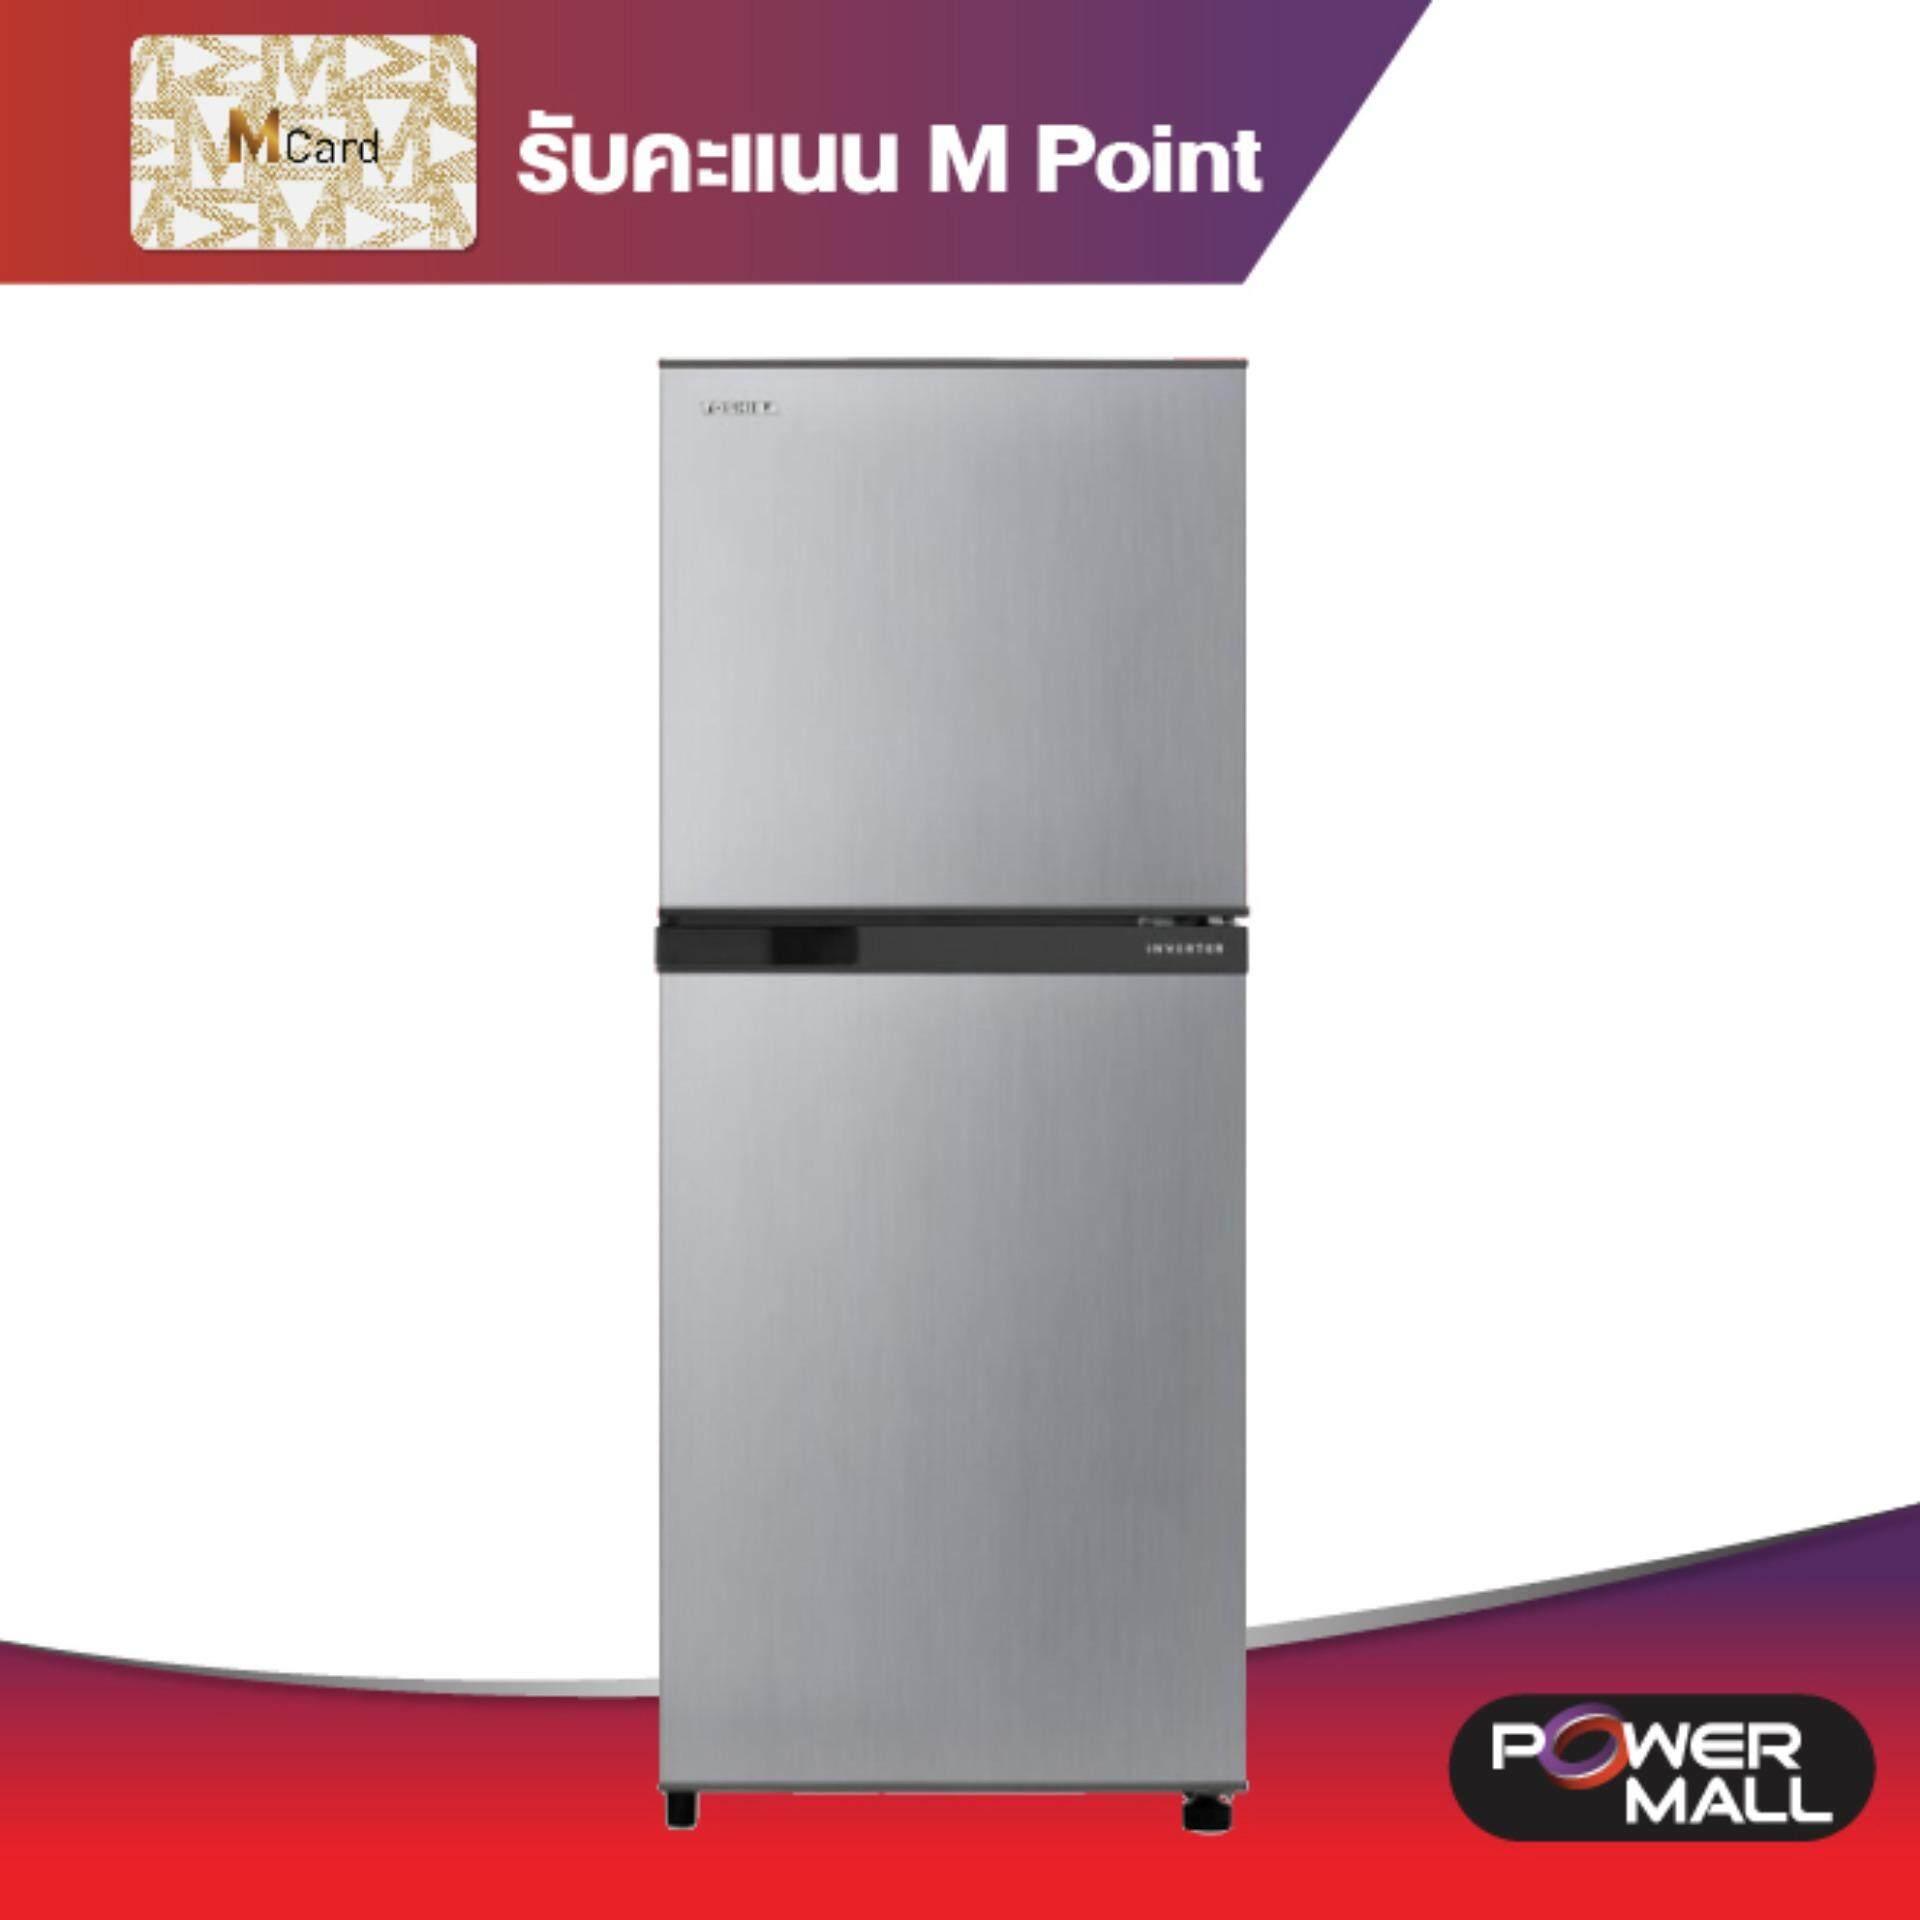 Toshiba ตูู้เย็น 2 ประตู (8.3 คิว, สีเงิน) รุ่น Gr-A28ks(s).